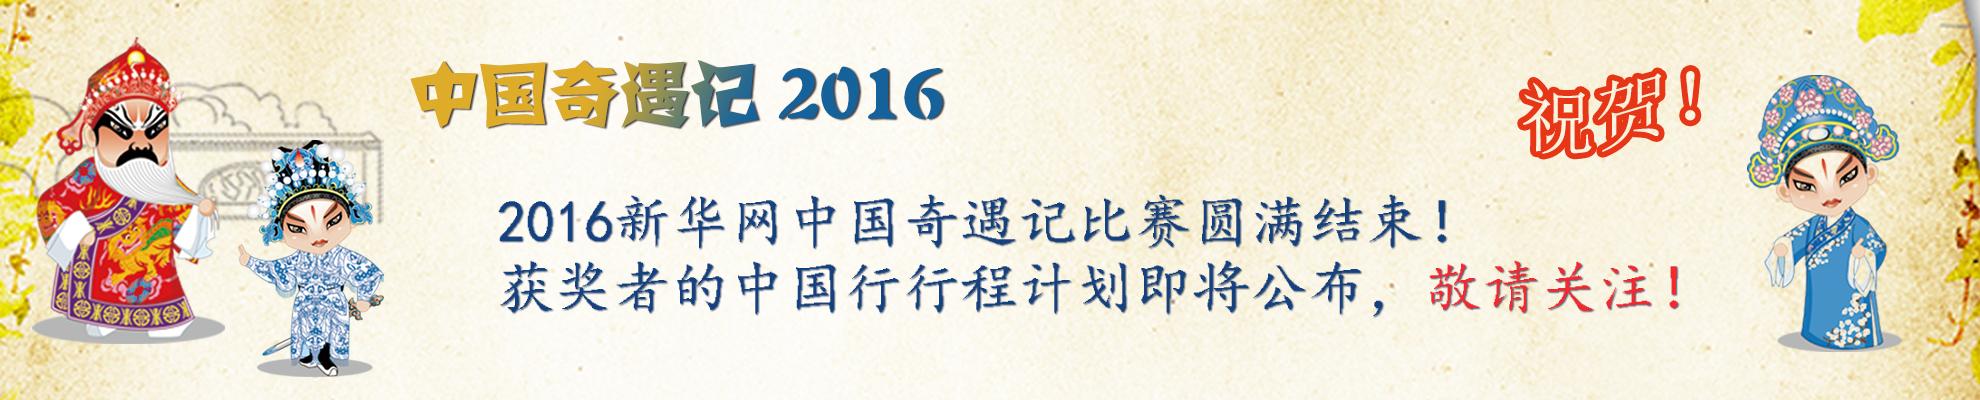 大奖公布banner中国奇遇记(公司官网)